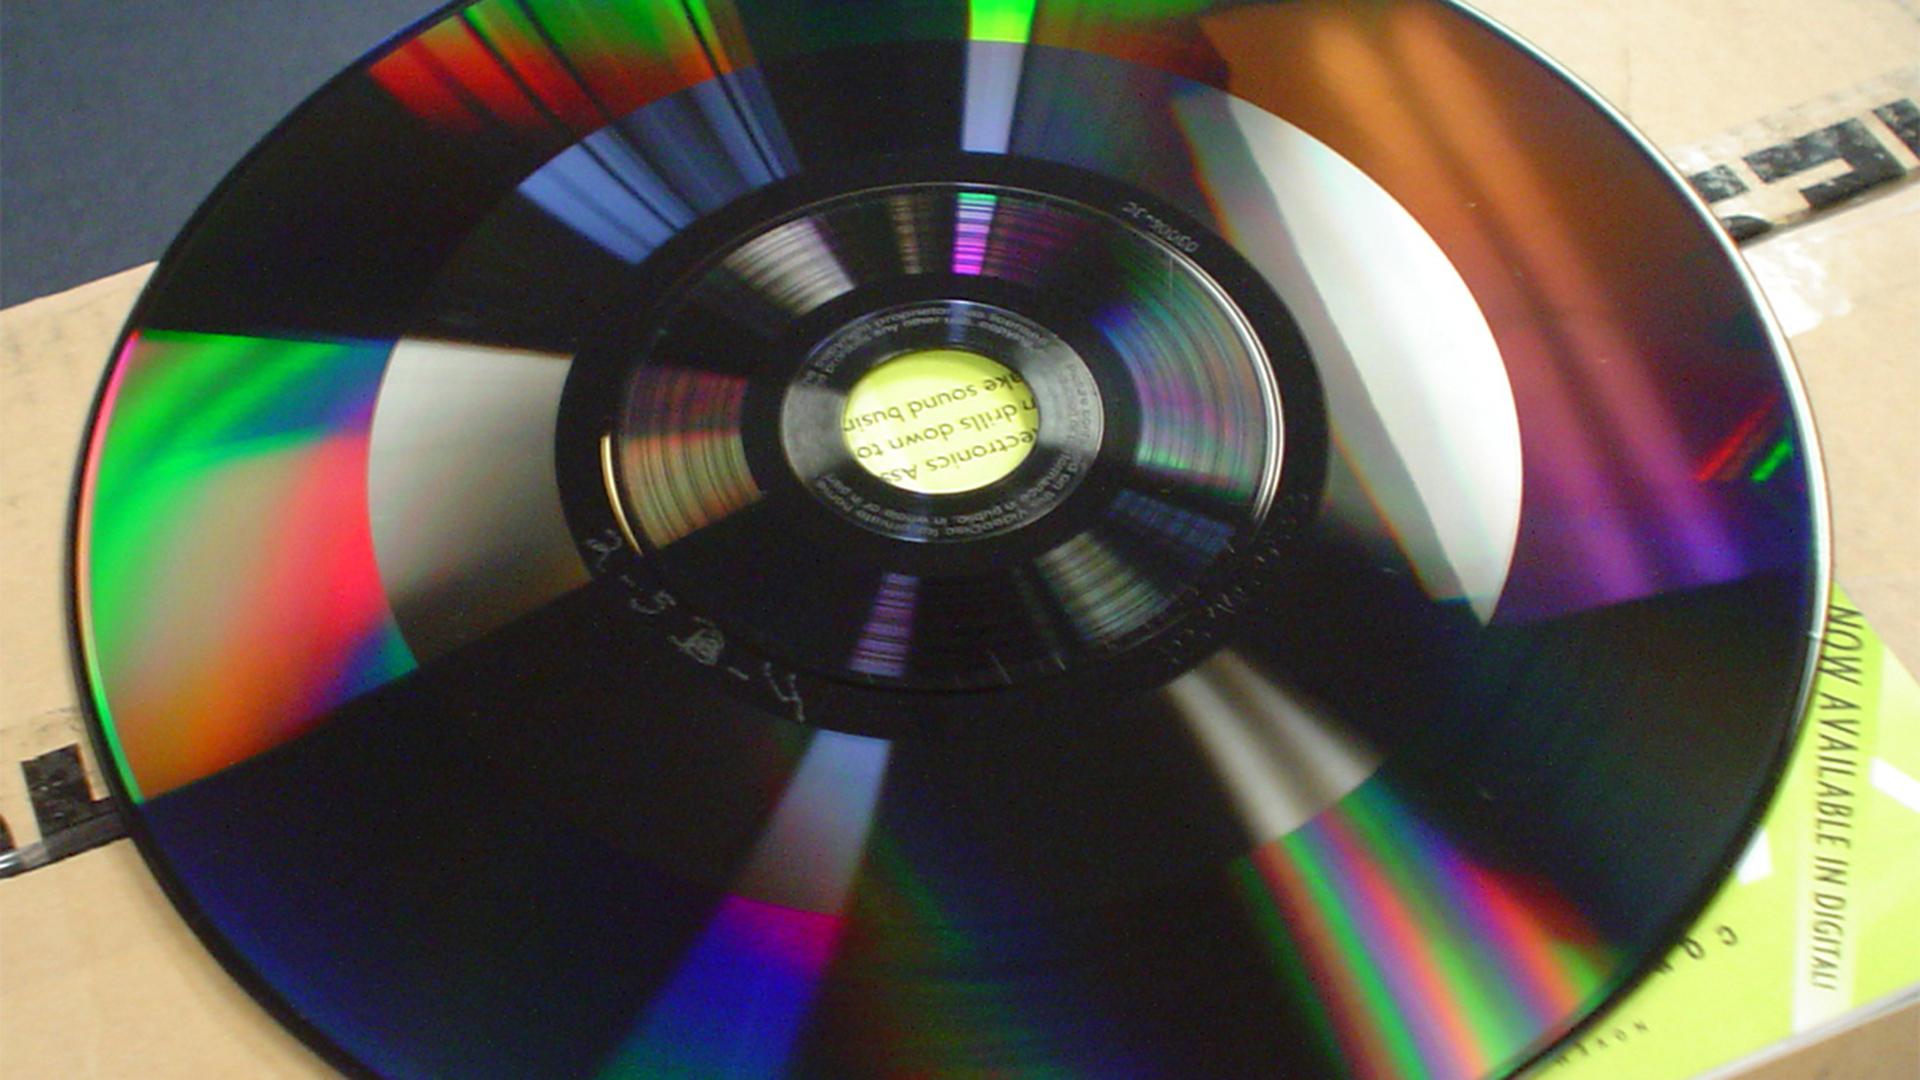 An RCA CED disc